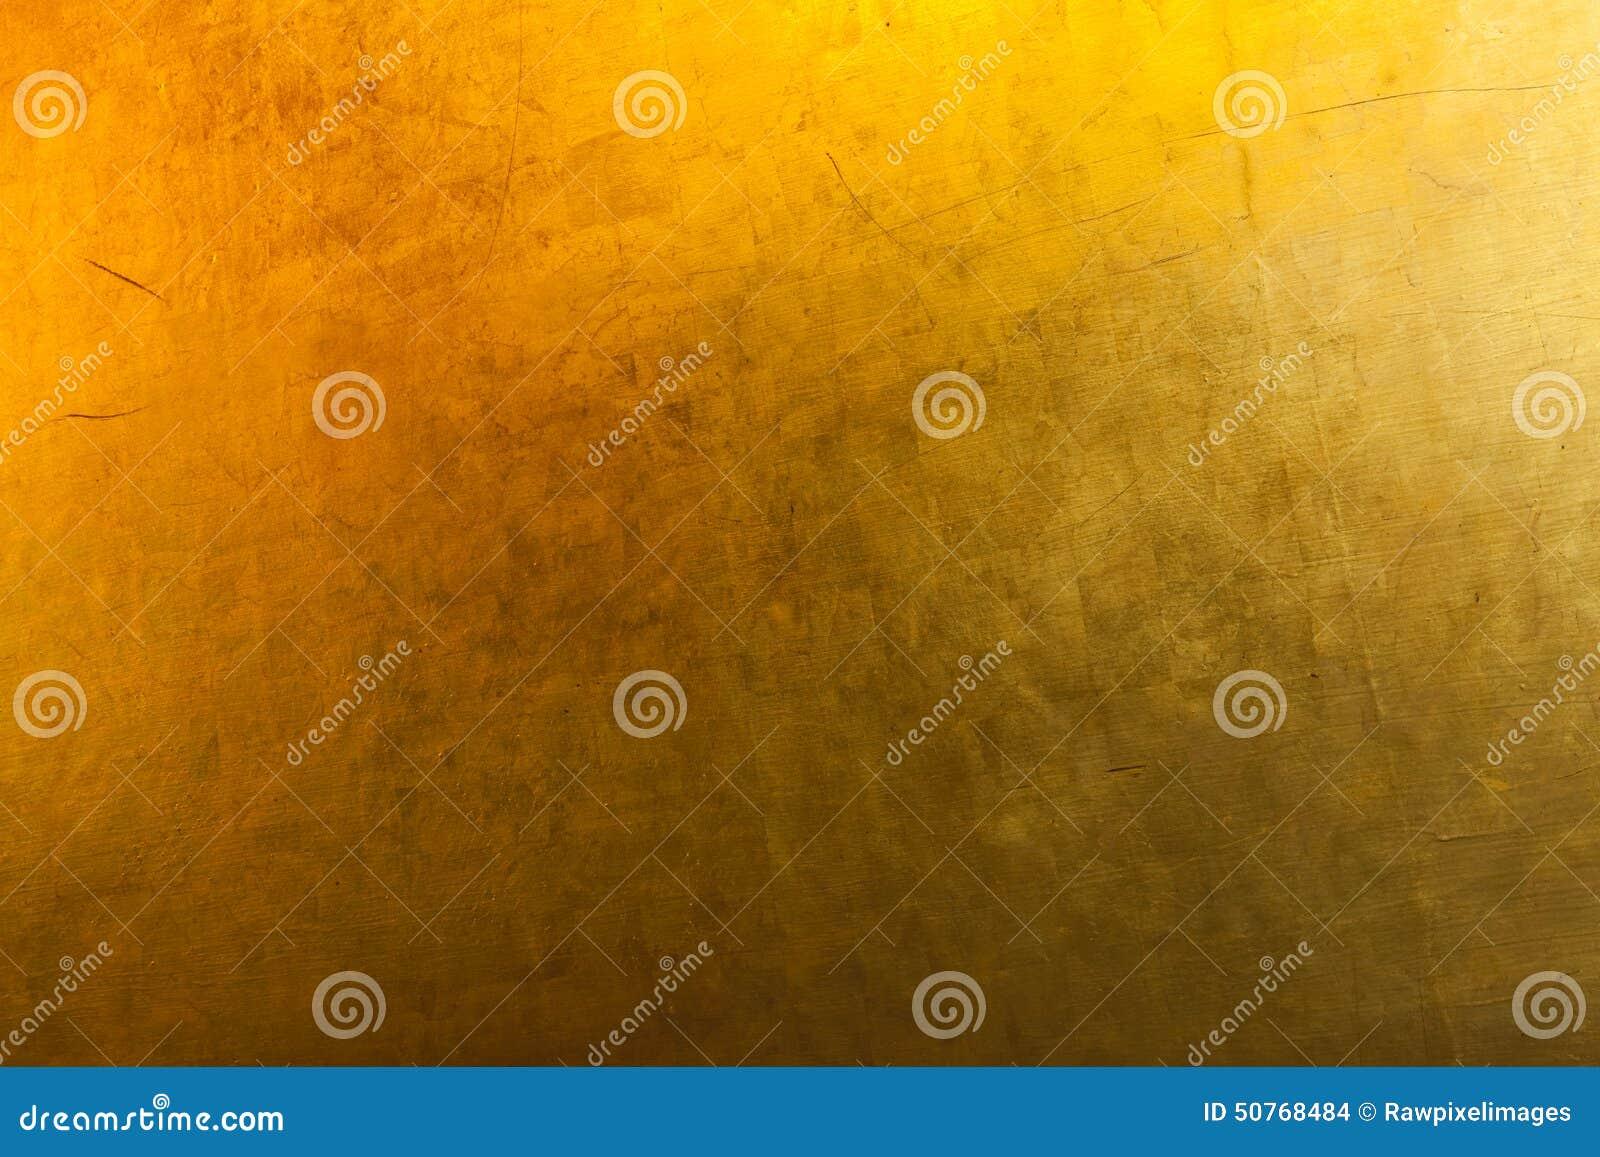 Concepto del fondo del papel pintado de la textura del oro